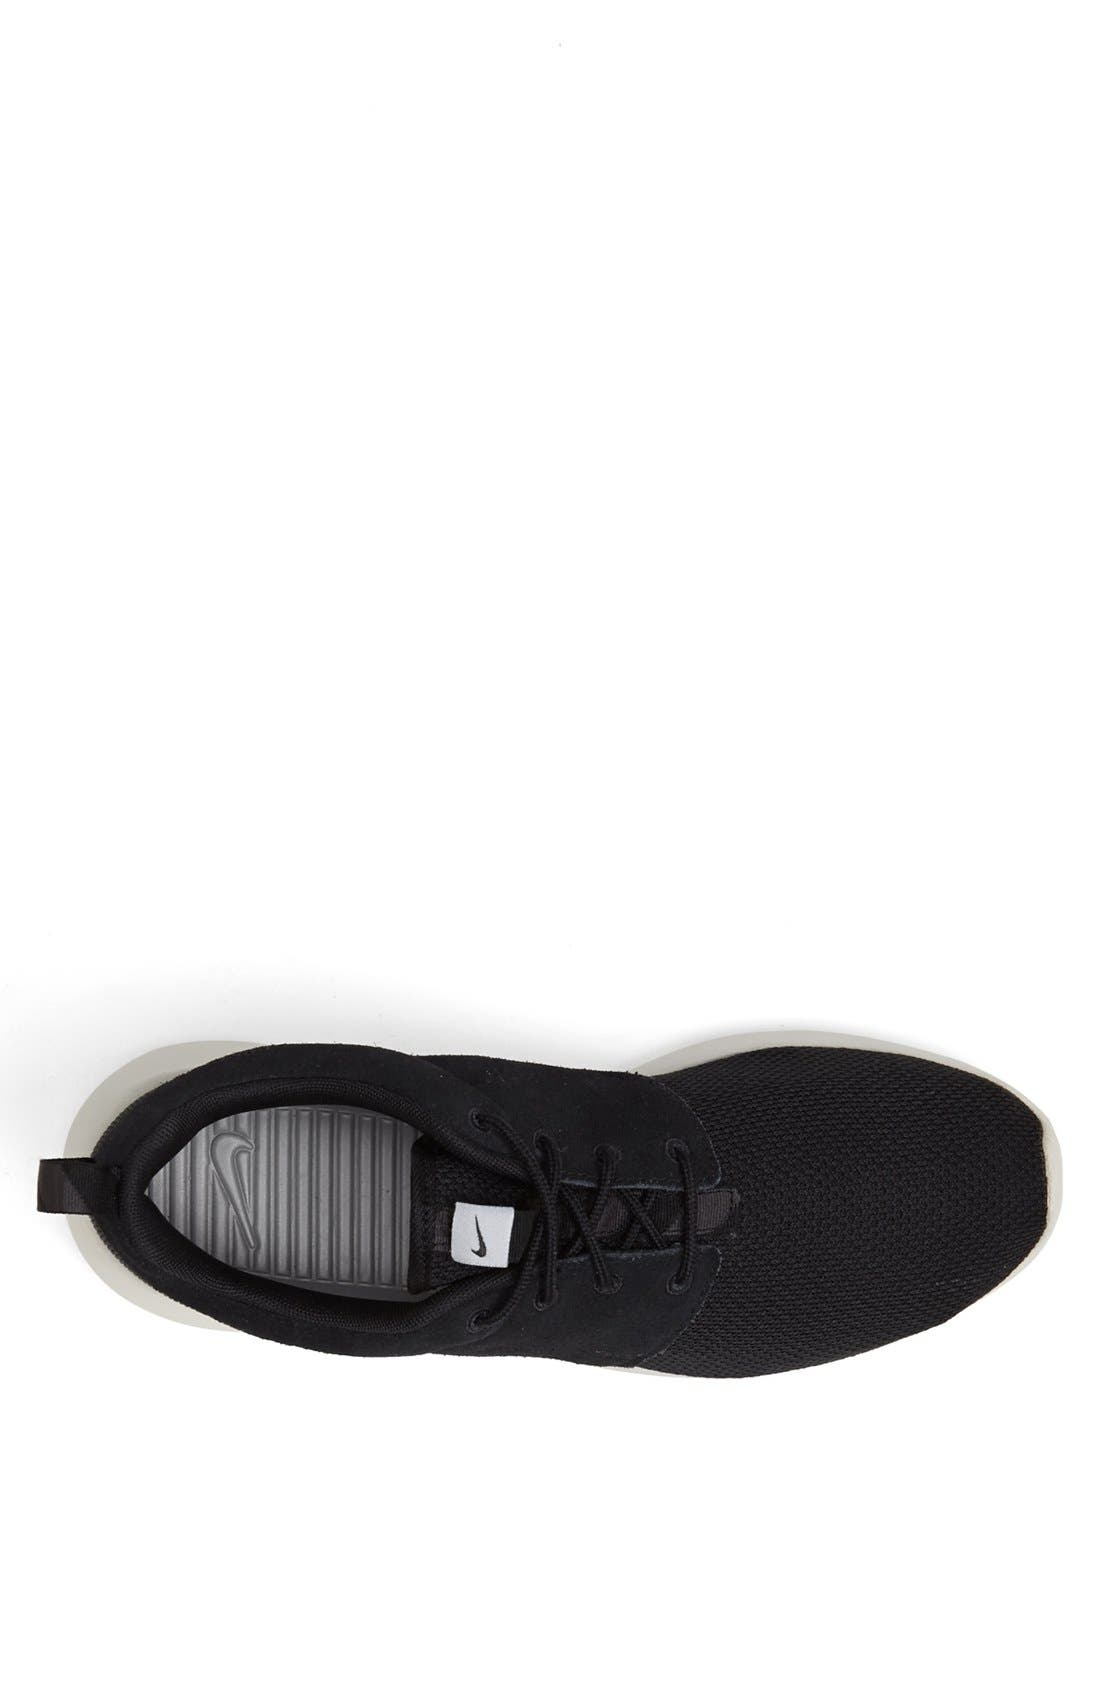 ,                             'Roshe Run' Sneaker,                             Alternate thumbnail 33, color,                             018